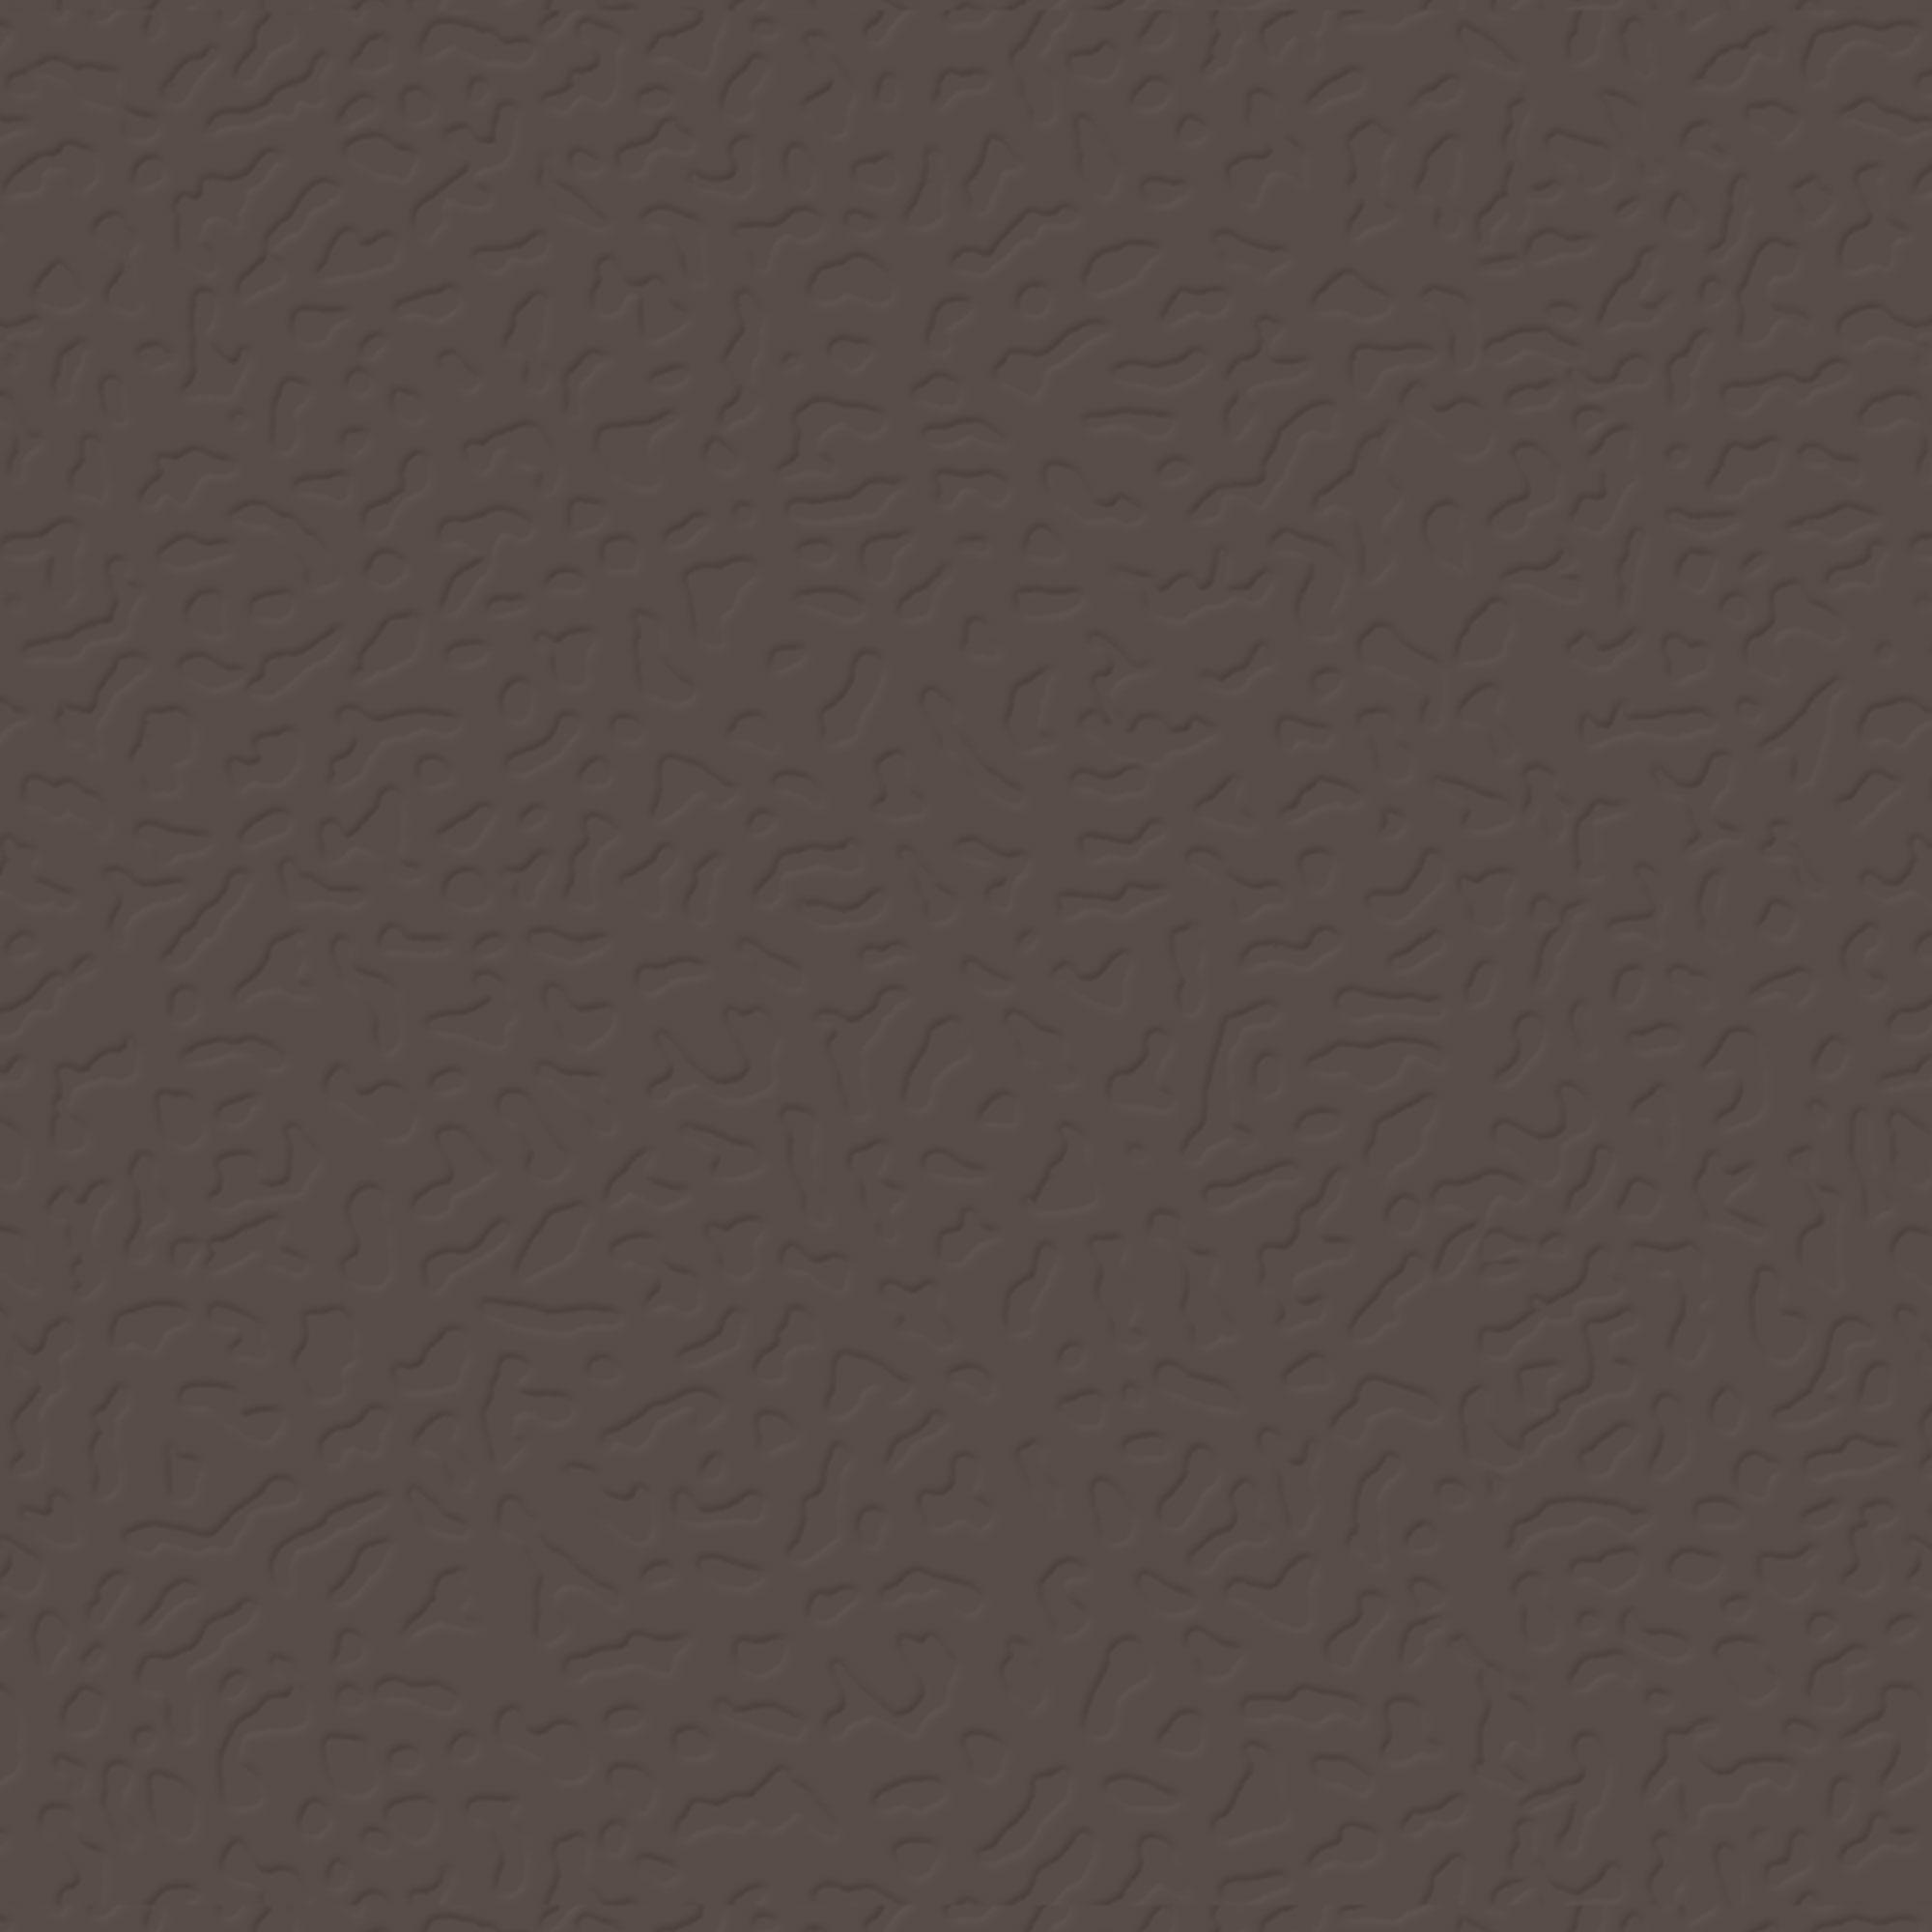 Roppe Rubber Tile 900 - Hammered Design (995) Light Brown Rubber Flooring